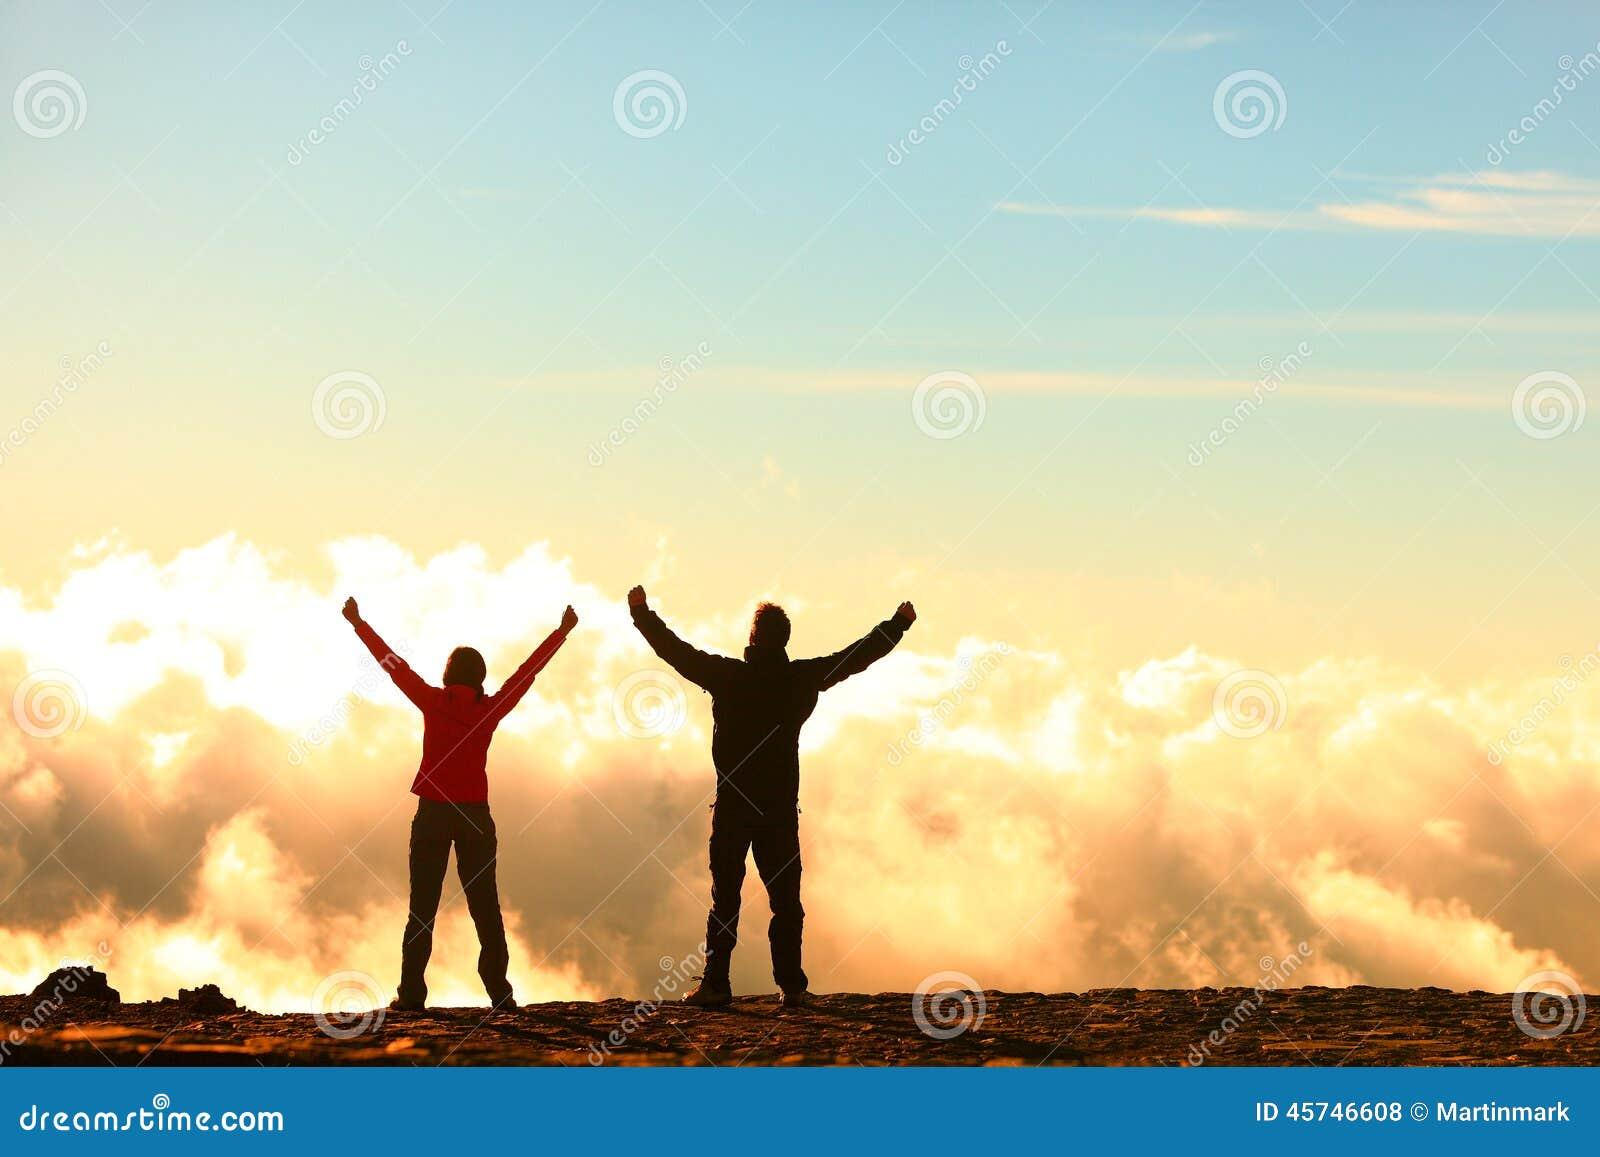 Success, Achievement And Accomplishment Concept Stock ...